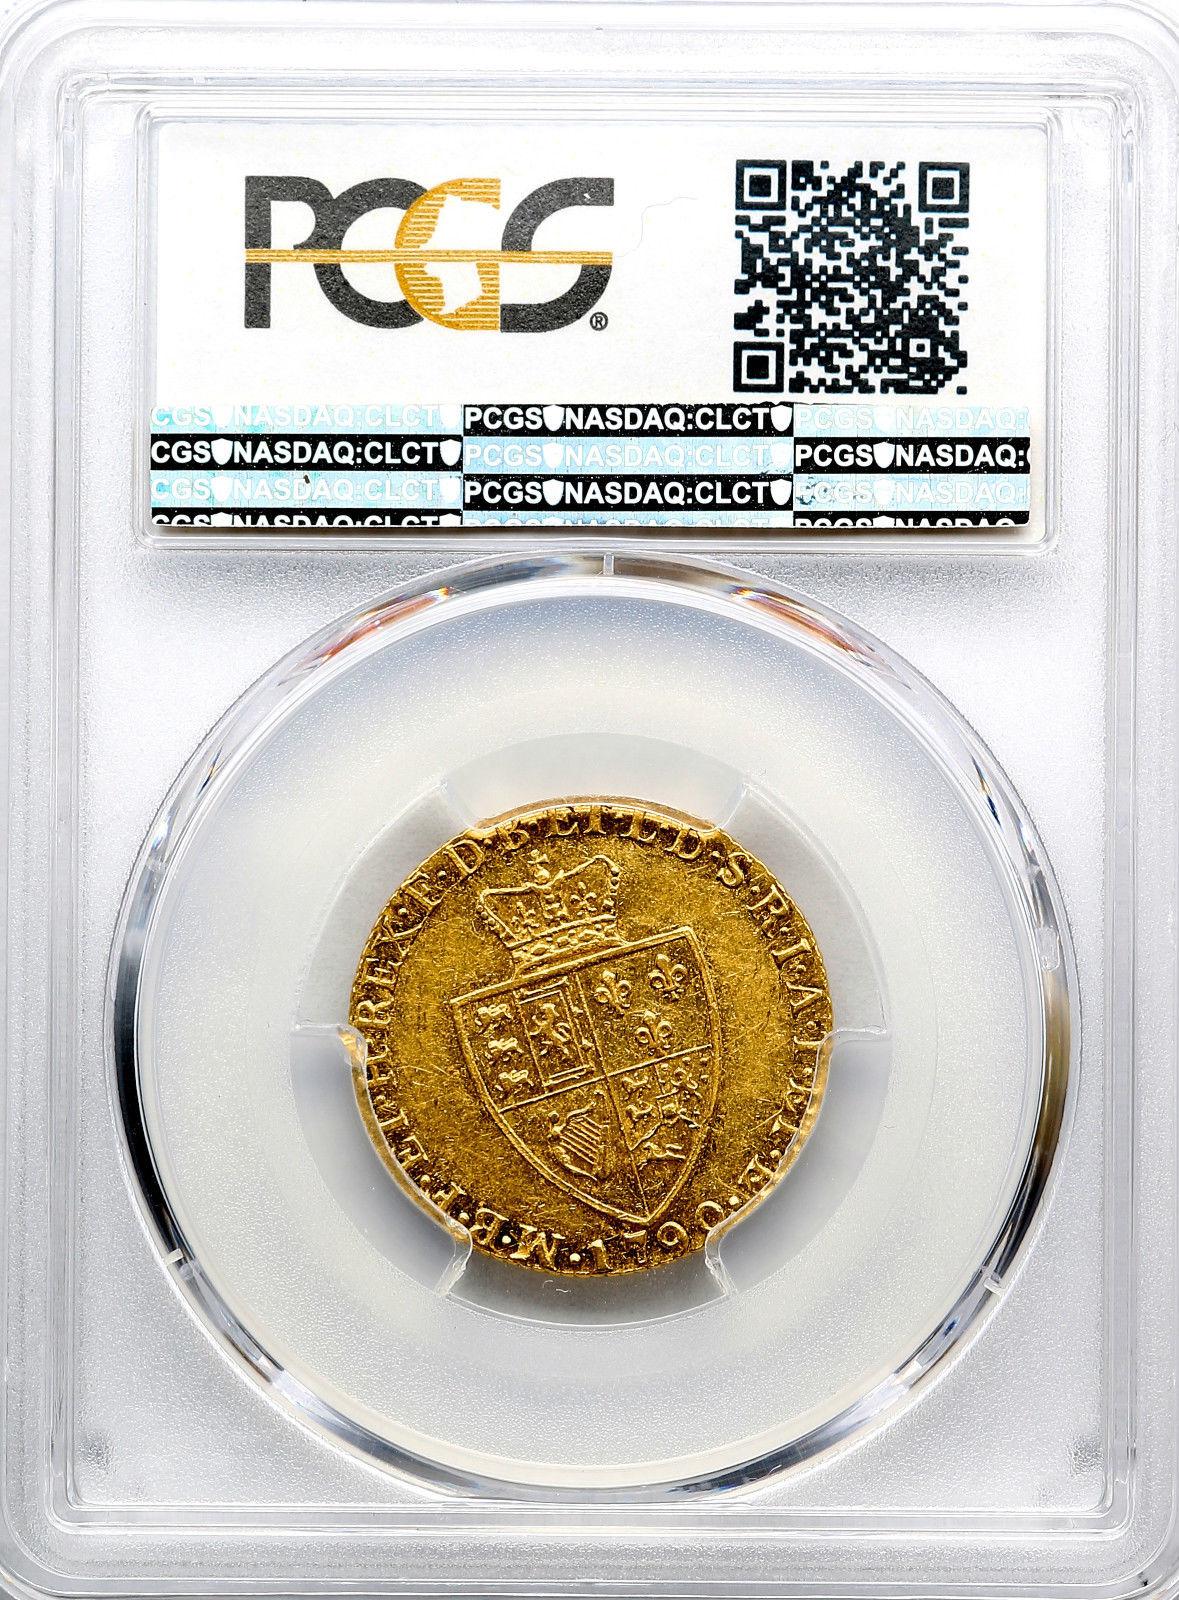 グレートブリテン1ギニー金貨George III gold Guinea 1790 AU53 PCGS